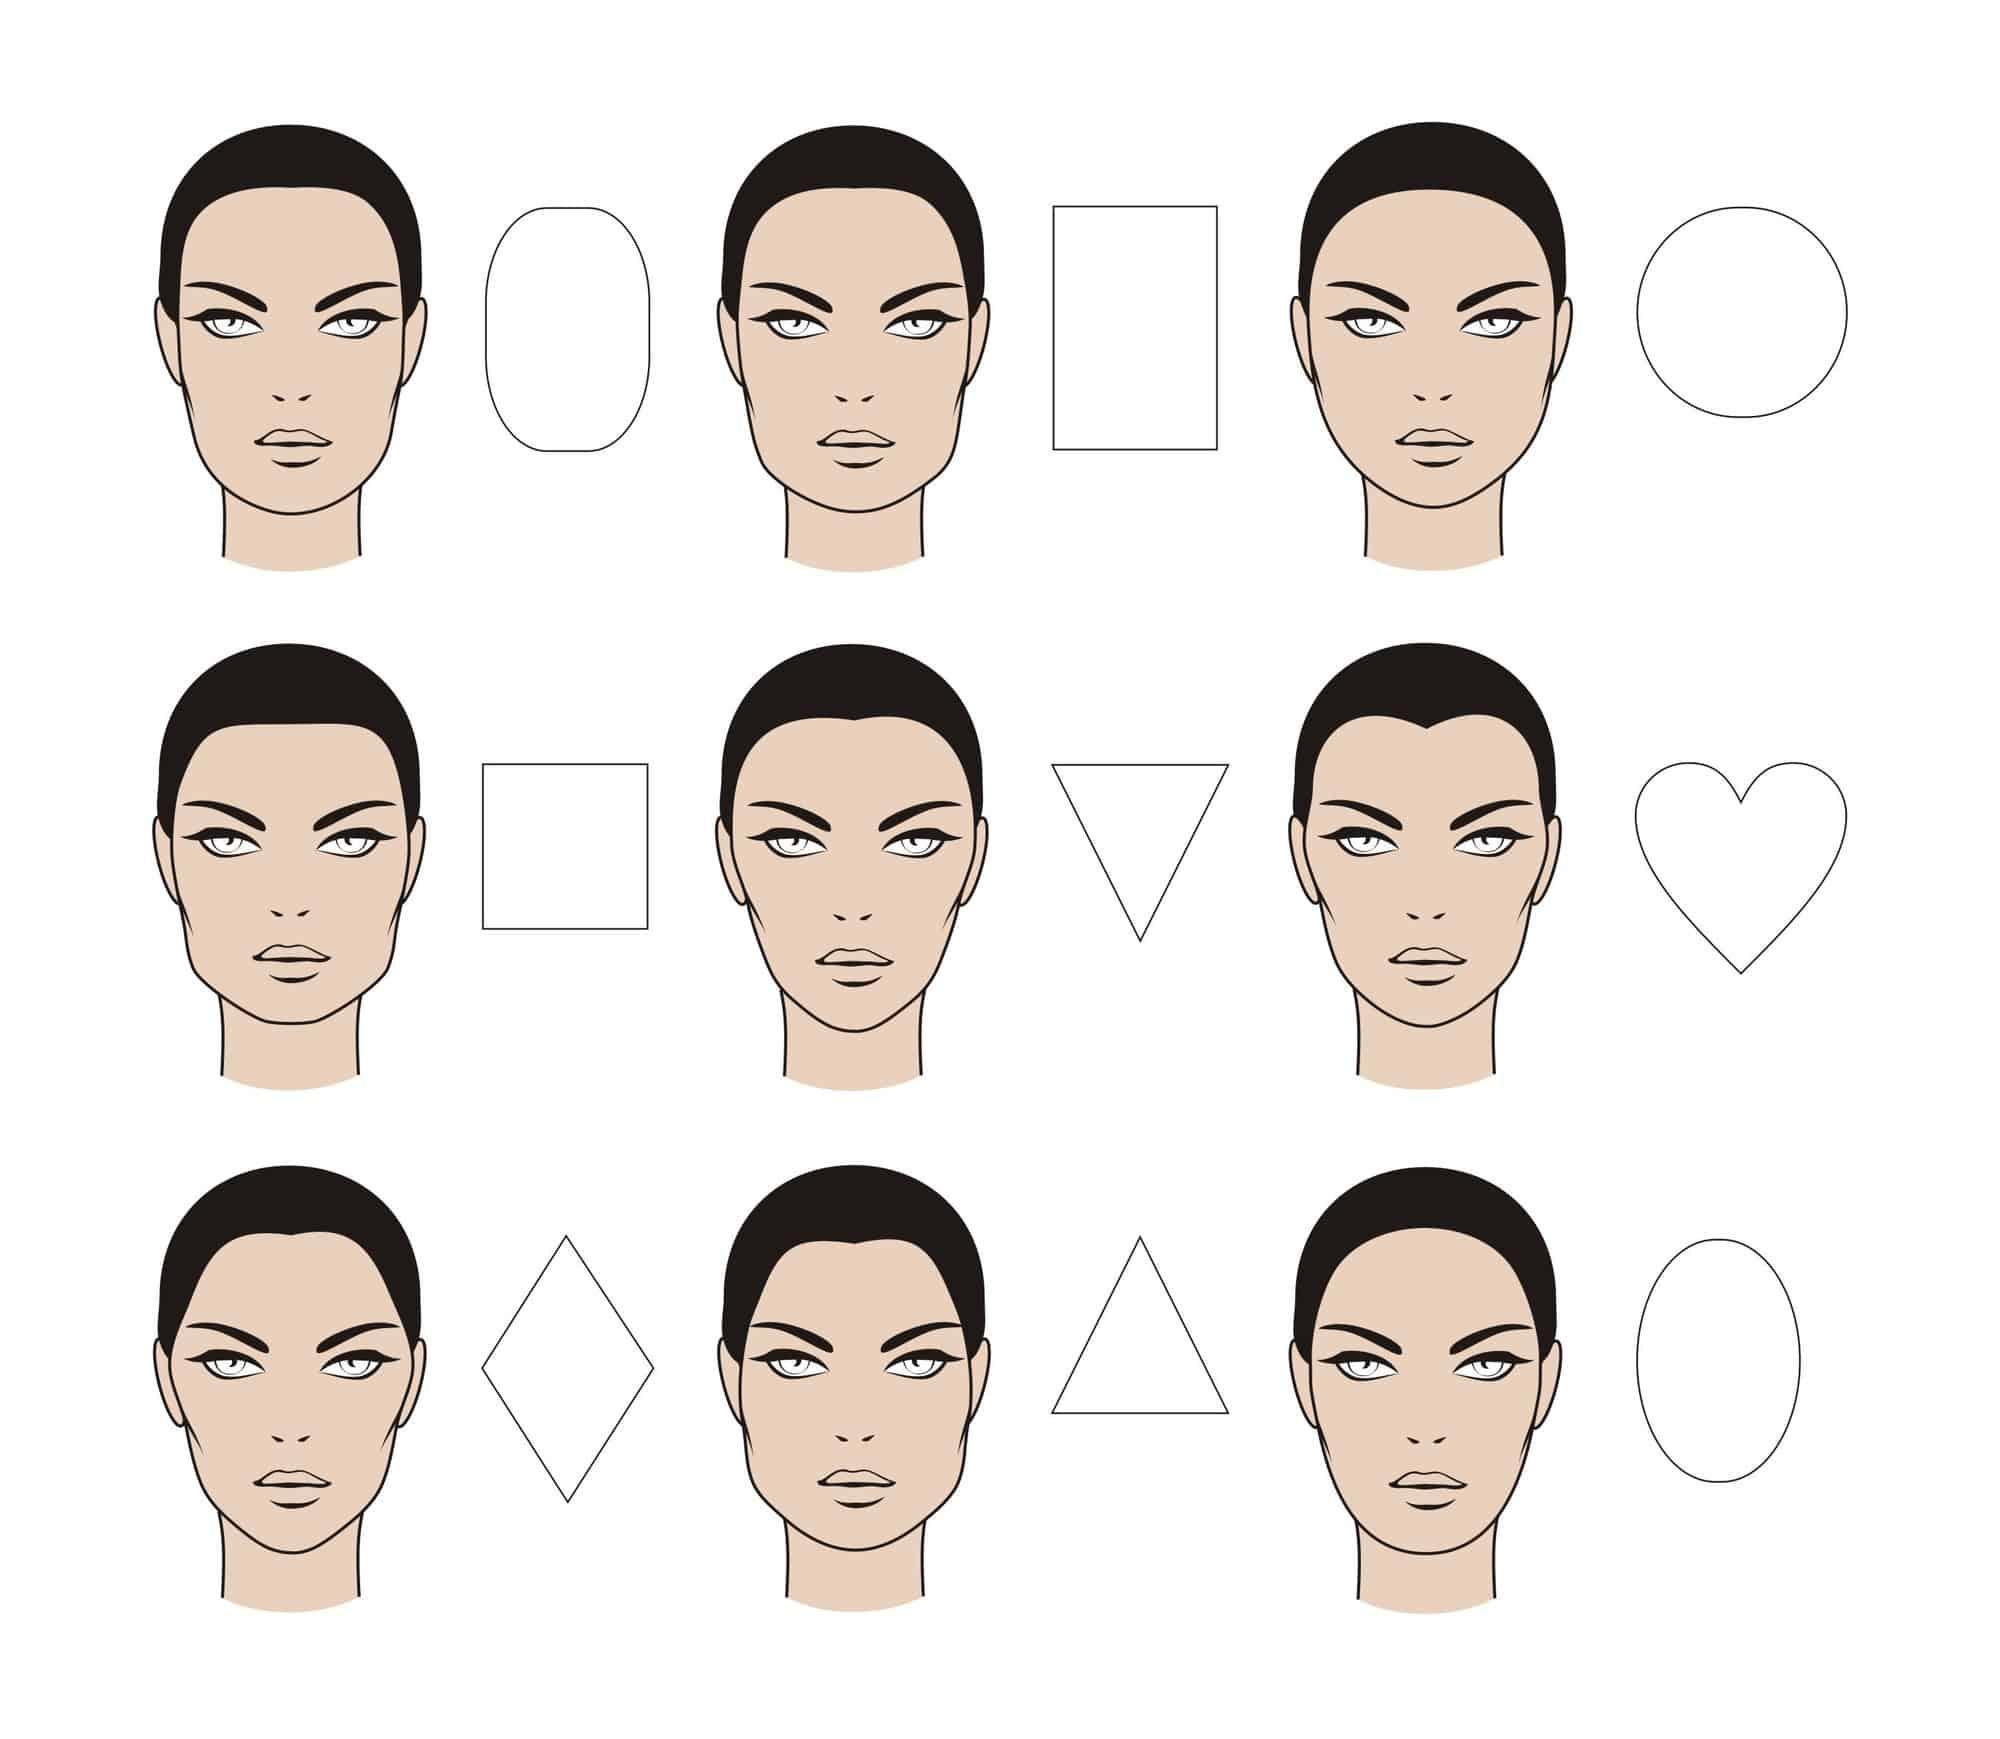 كيف معرفة نوع الوجه